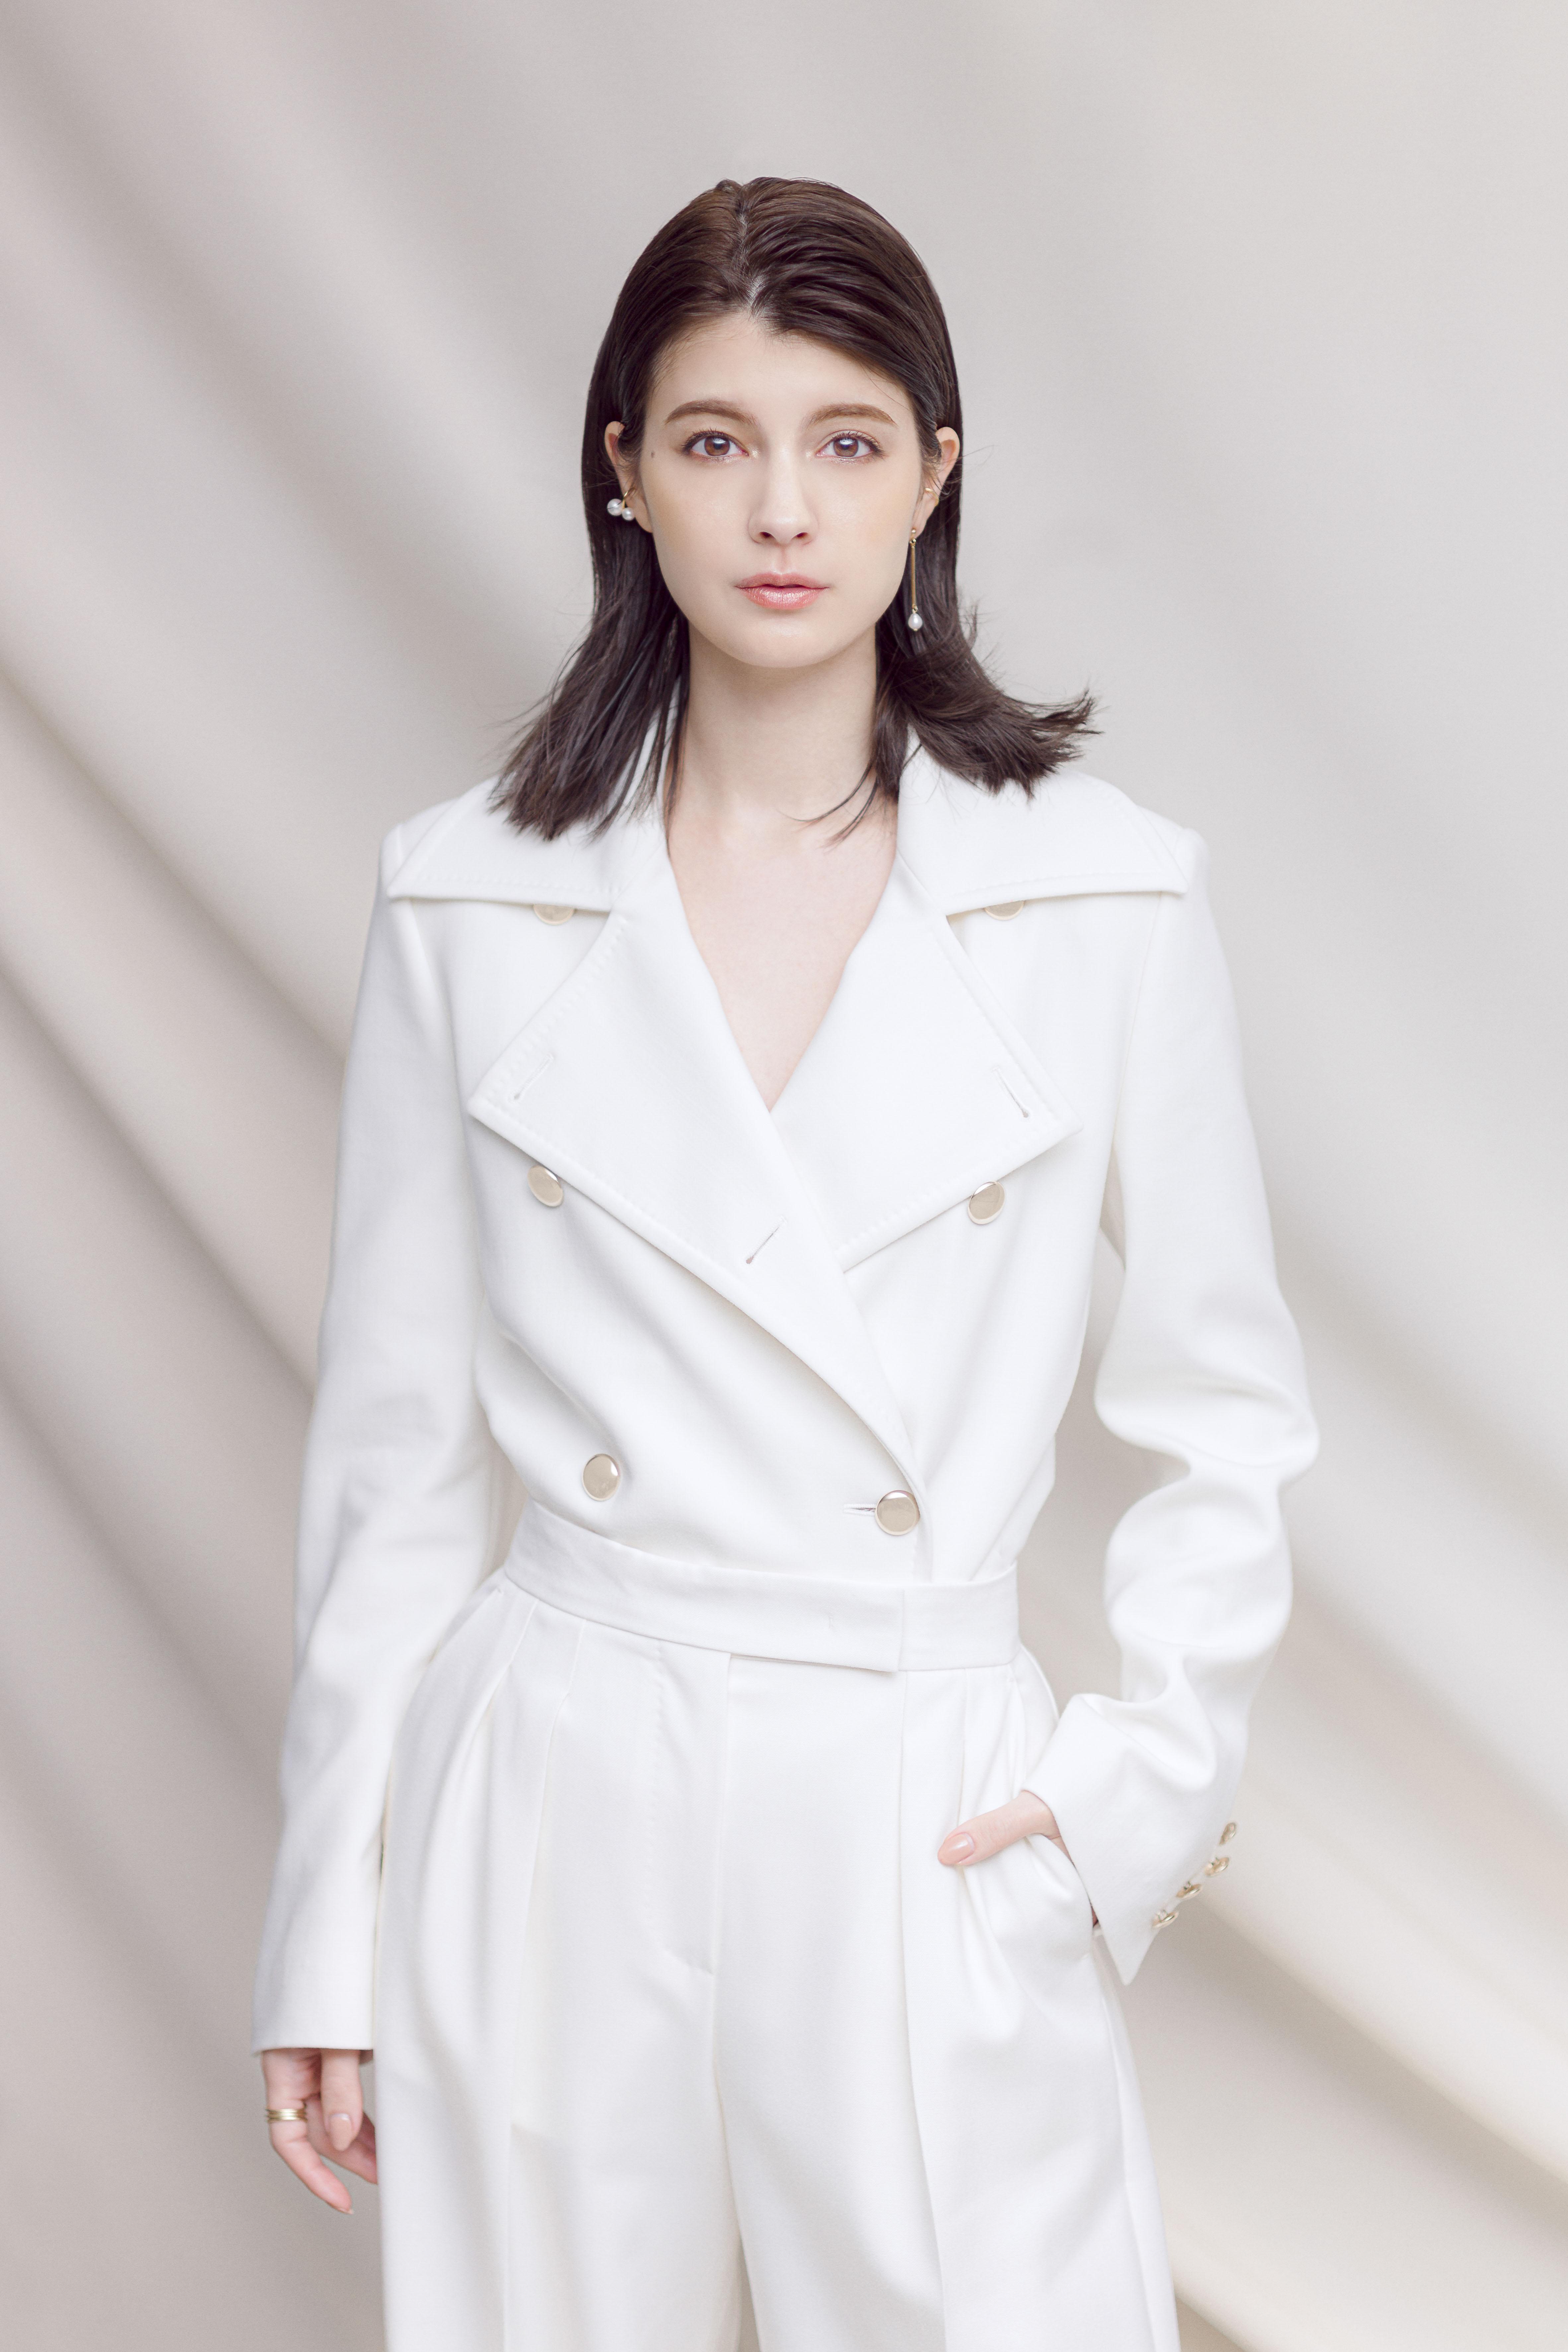 マギー(Forbes Japan)